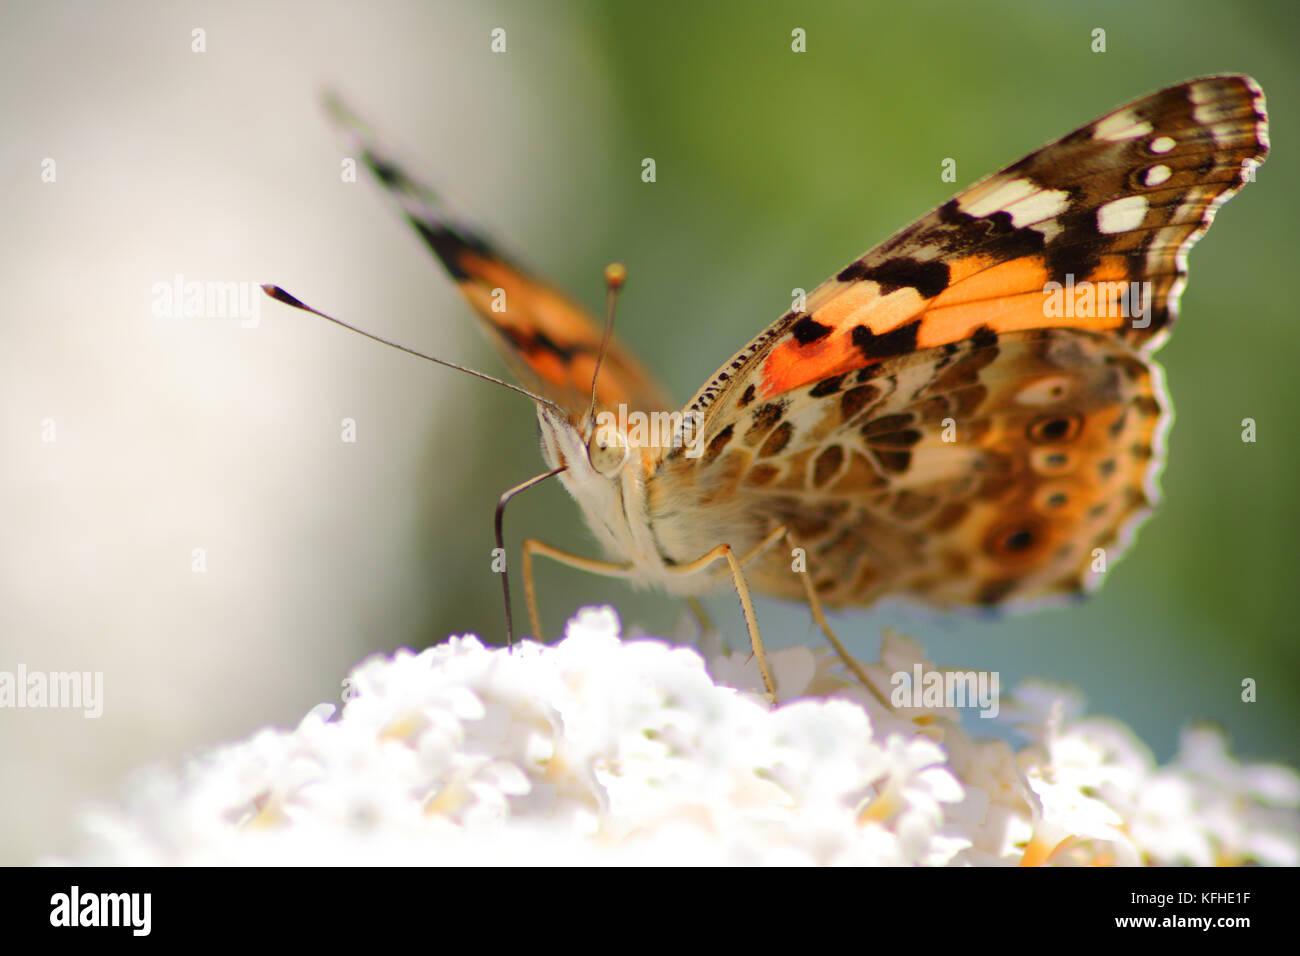 Distelfalter, Schmetterling auf Sommerflieder Blüte - Stock Image